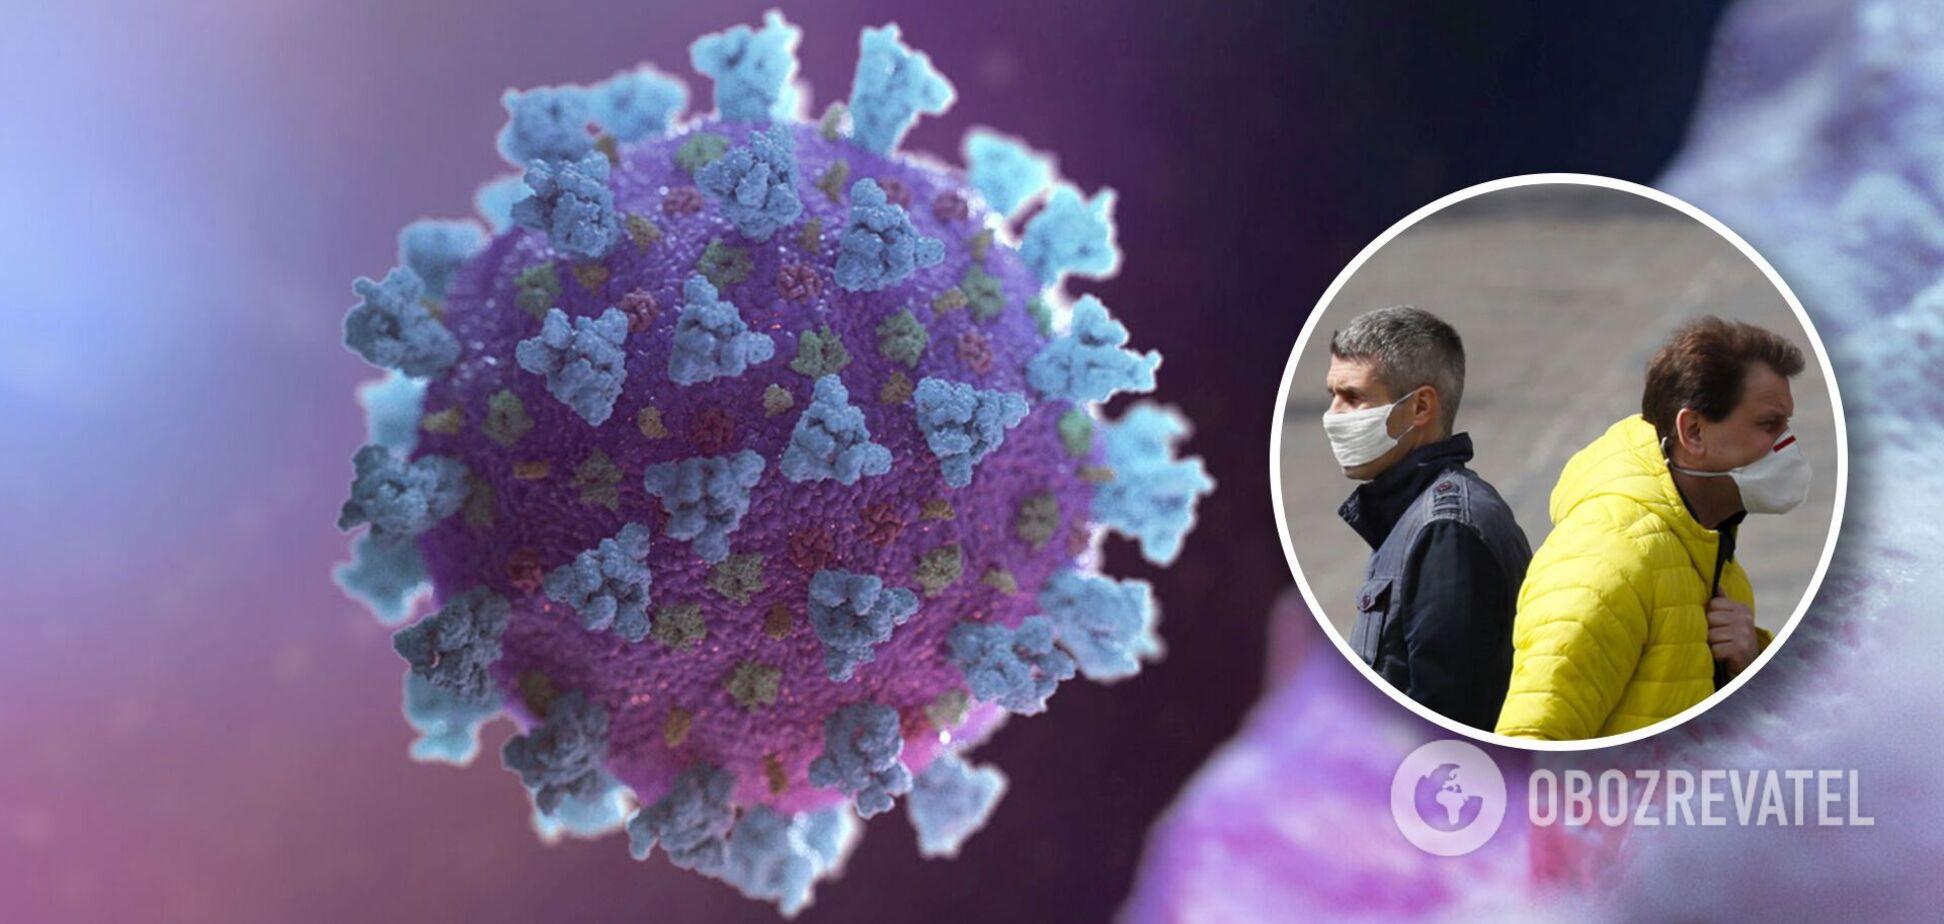 Коронавирусом можно заразиться во второй раз